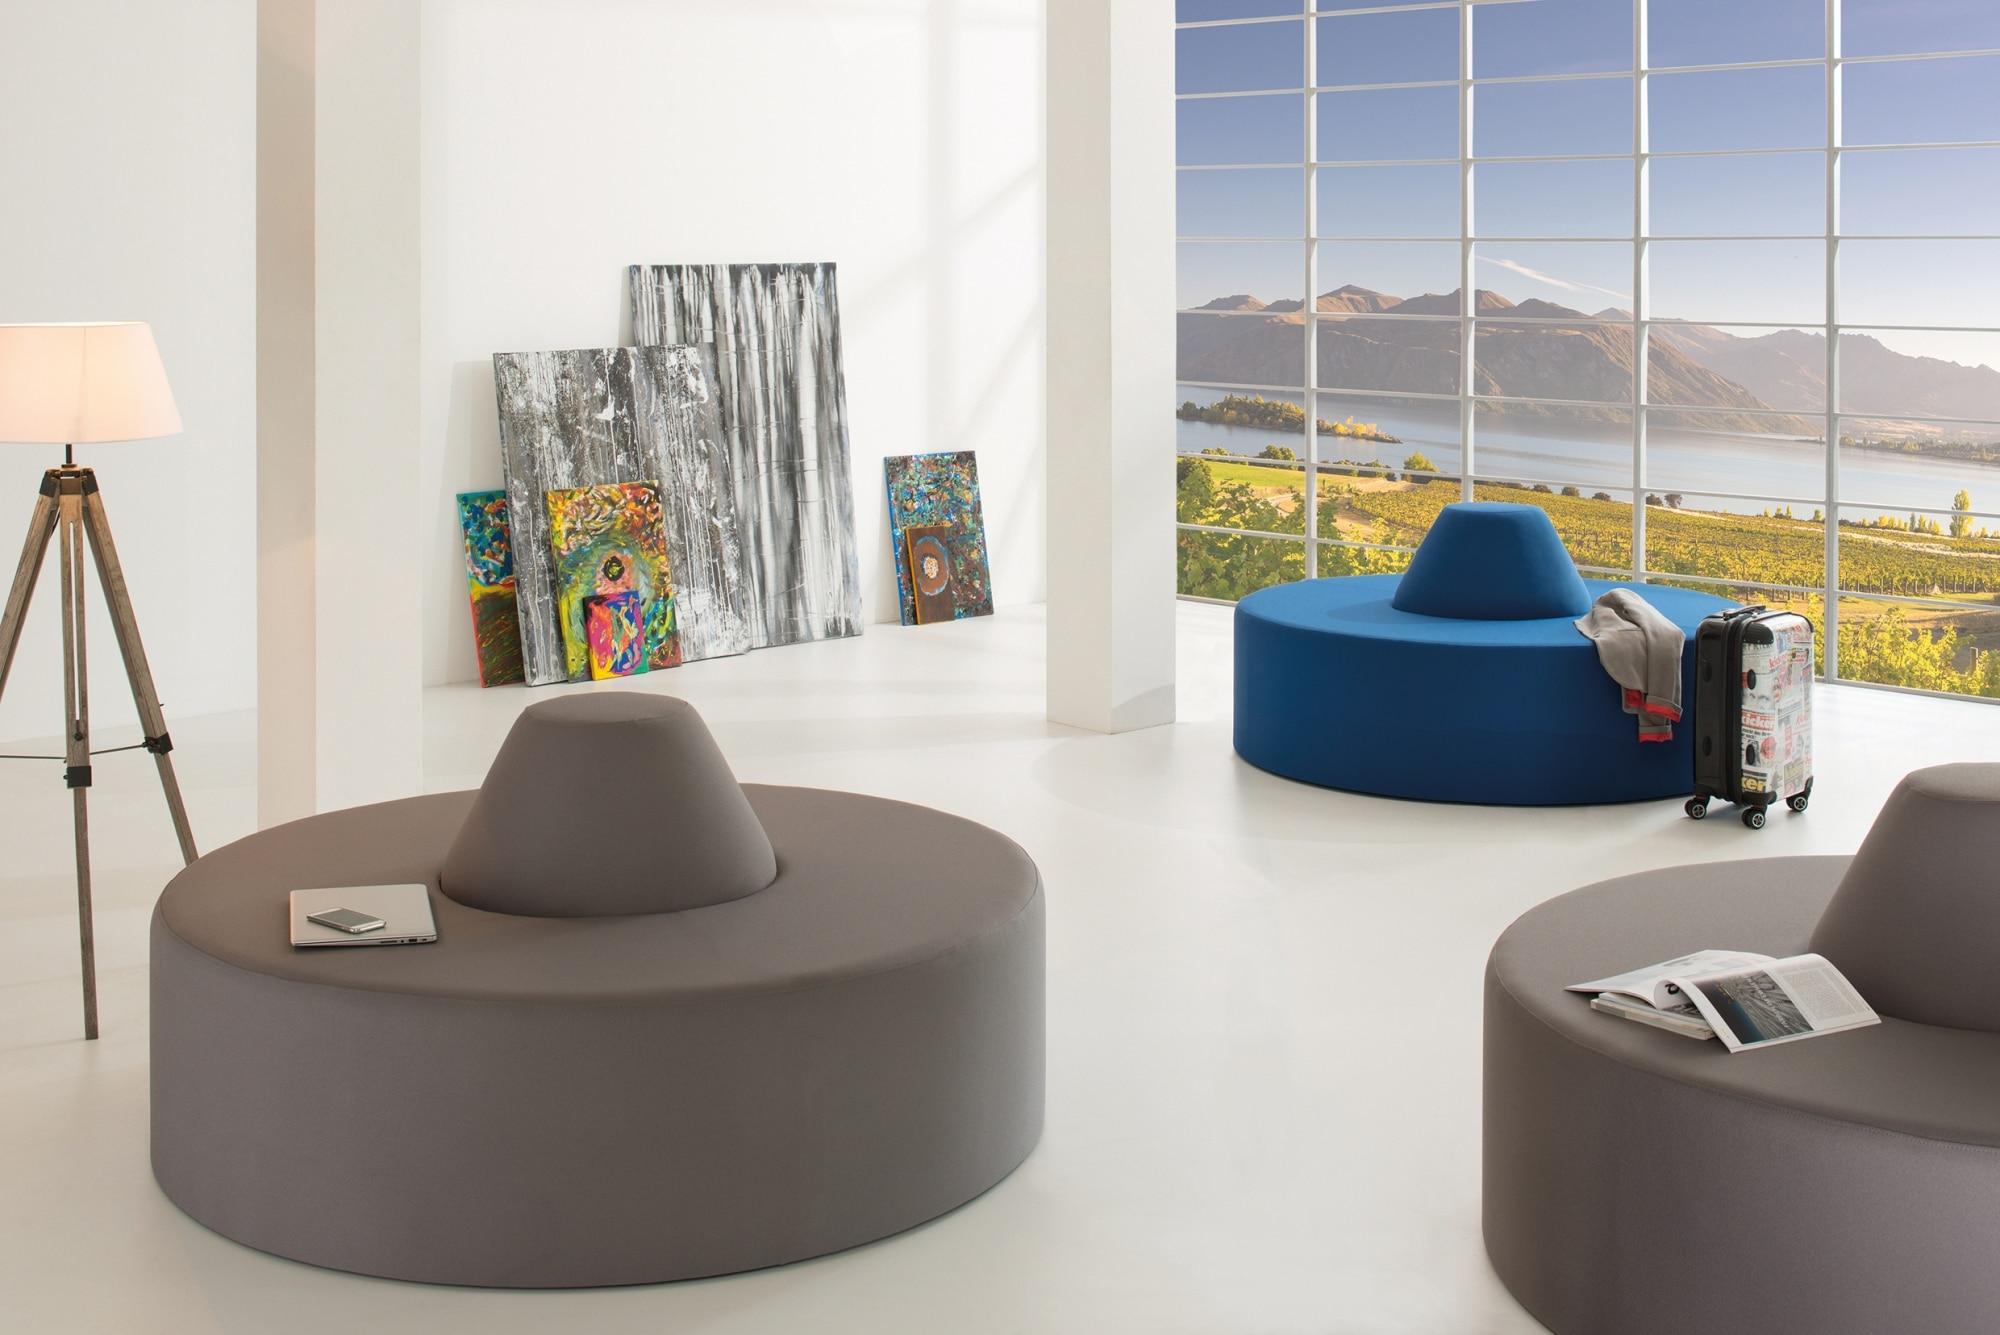 Loungemöbel, Lounge, SMV, Begegnungszone, Meeting, Design, gemütlich, Mittelzone, Soft Seating, schwer entflammbar